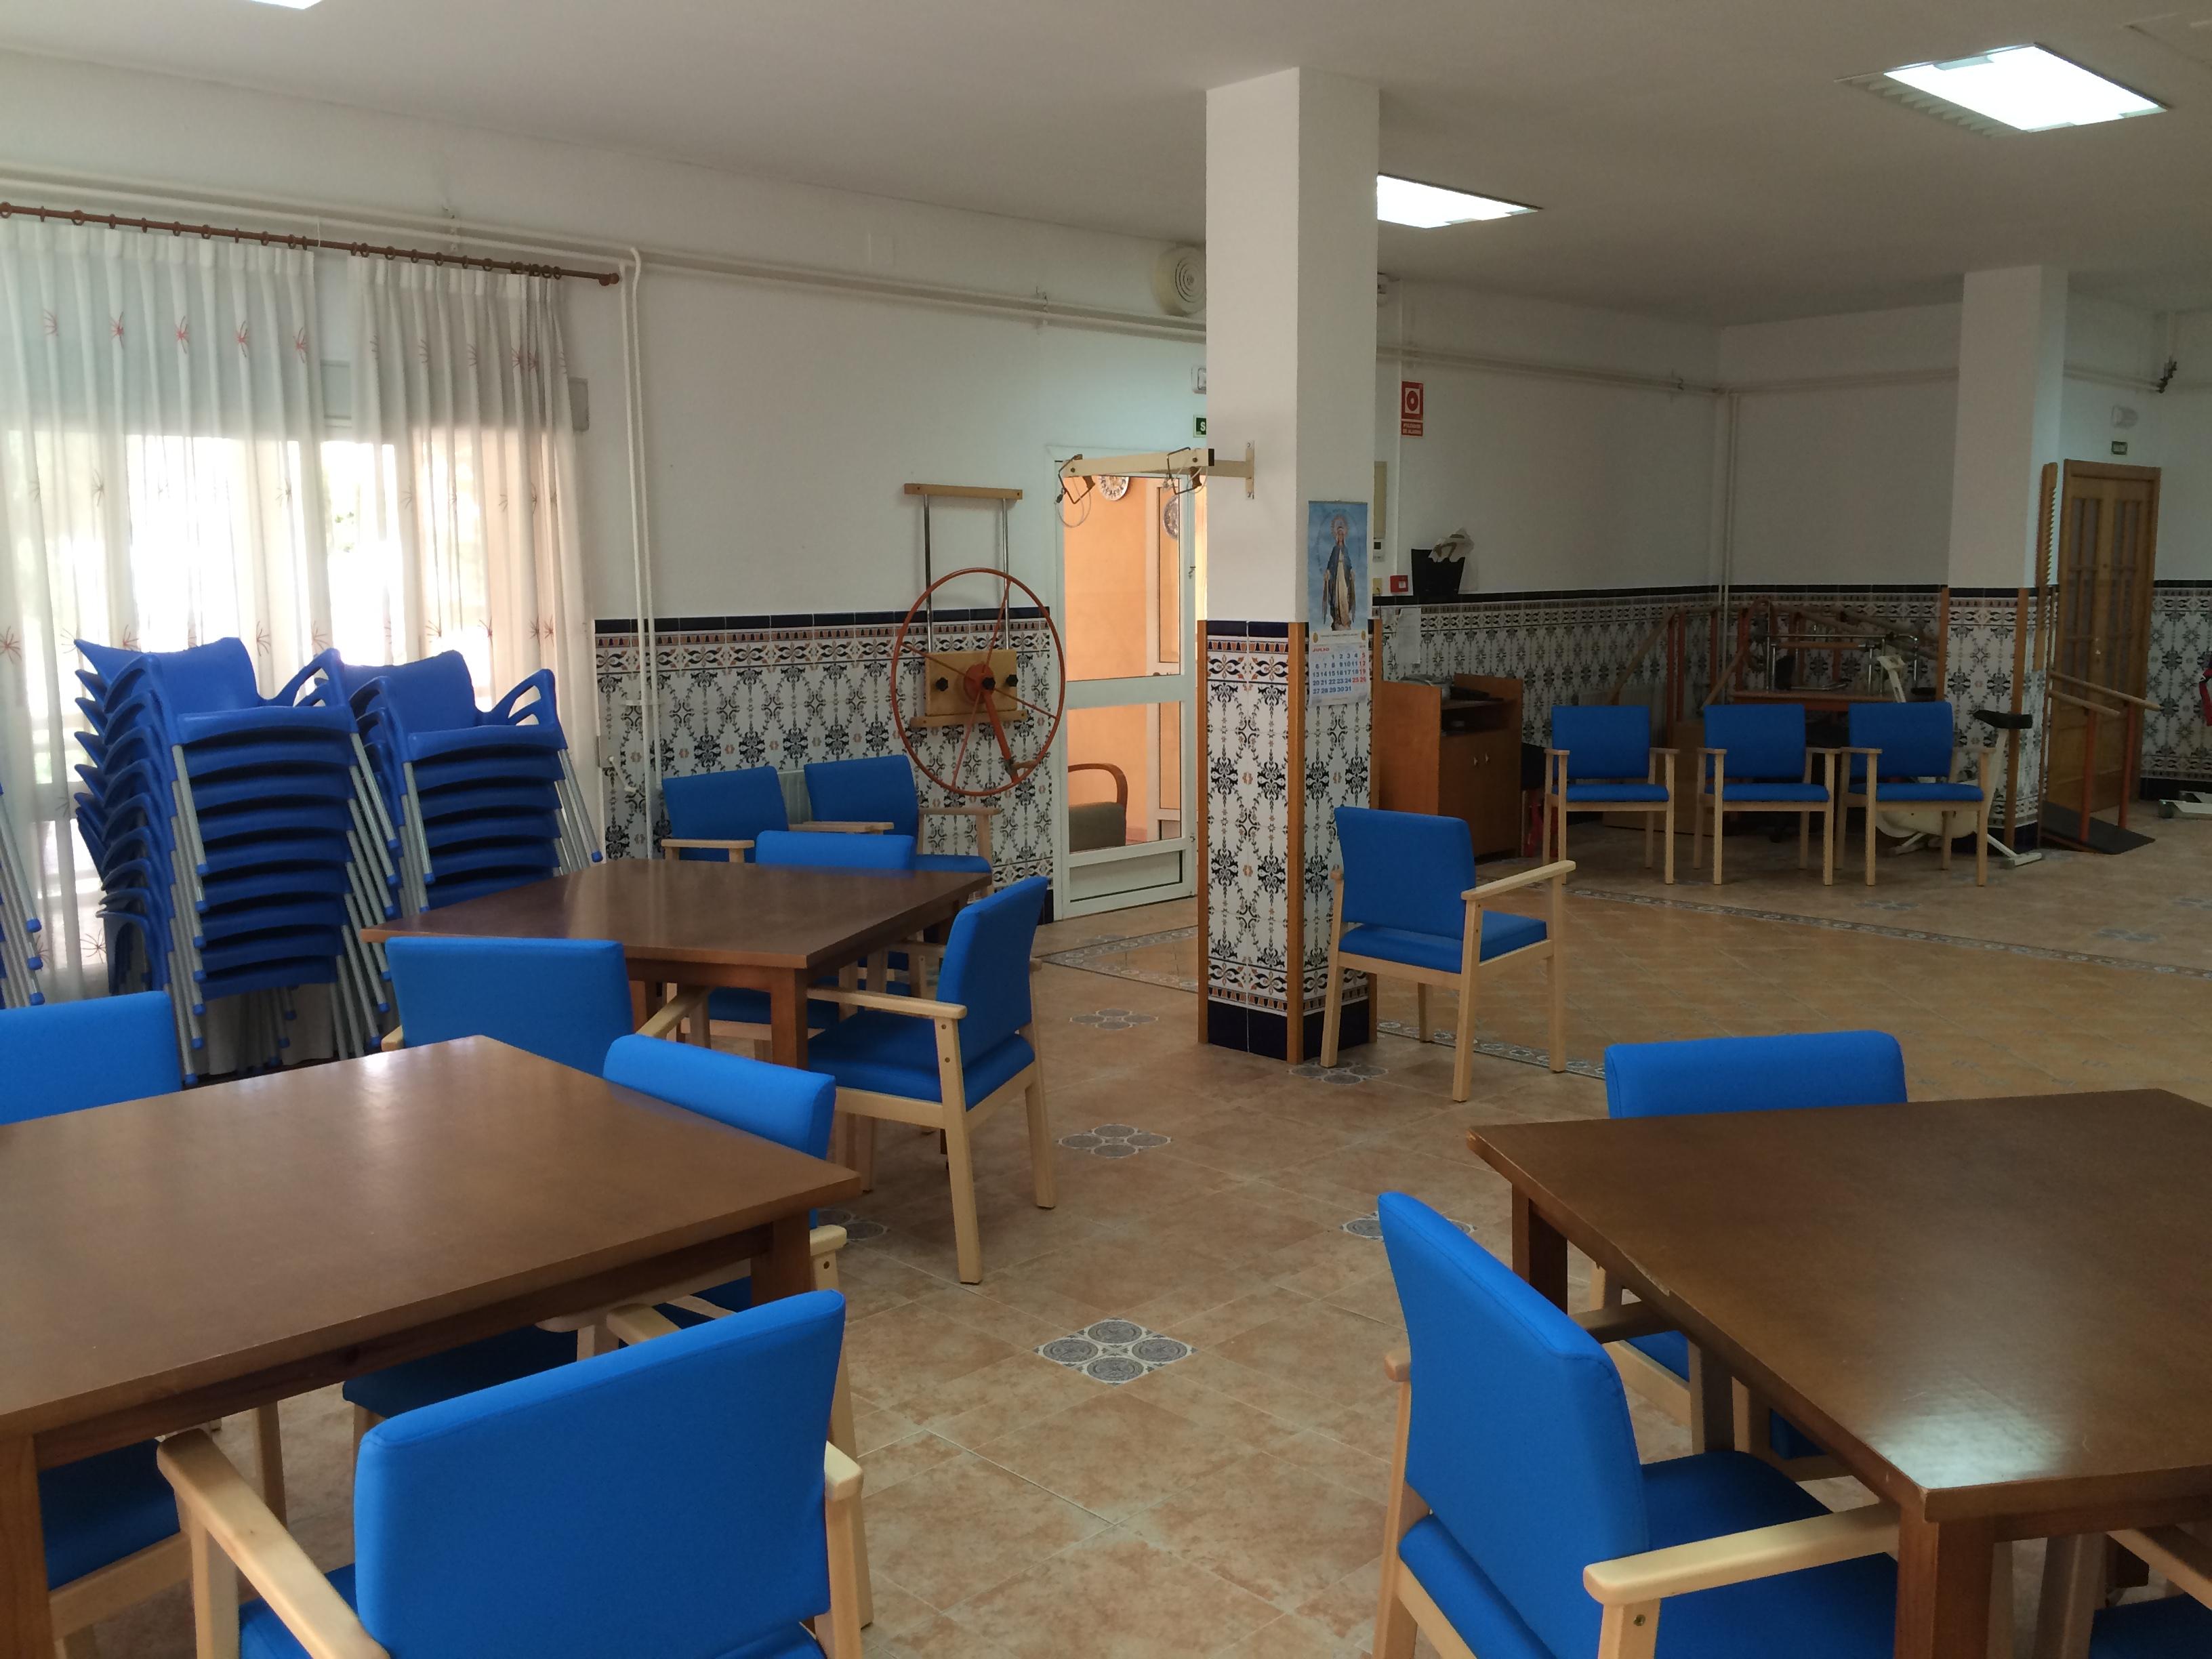 La importancia de la fisioterapia y el mobiliario geriátrico en la residencia para mayores